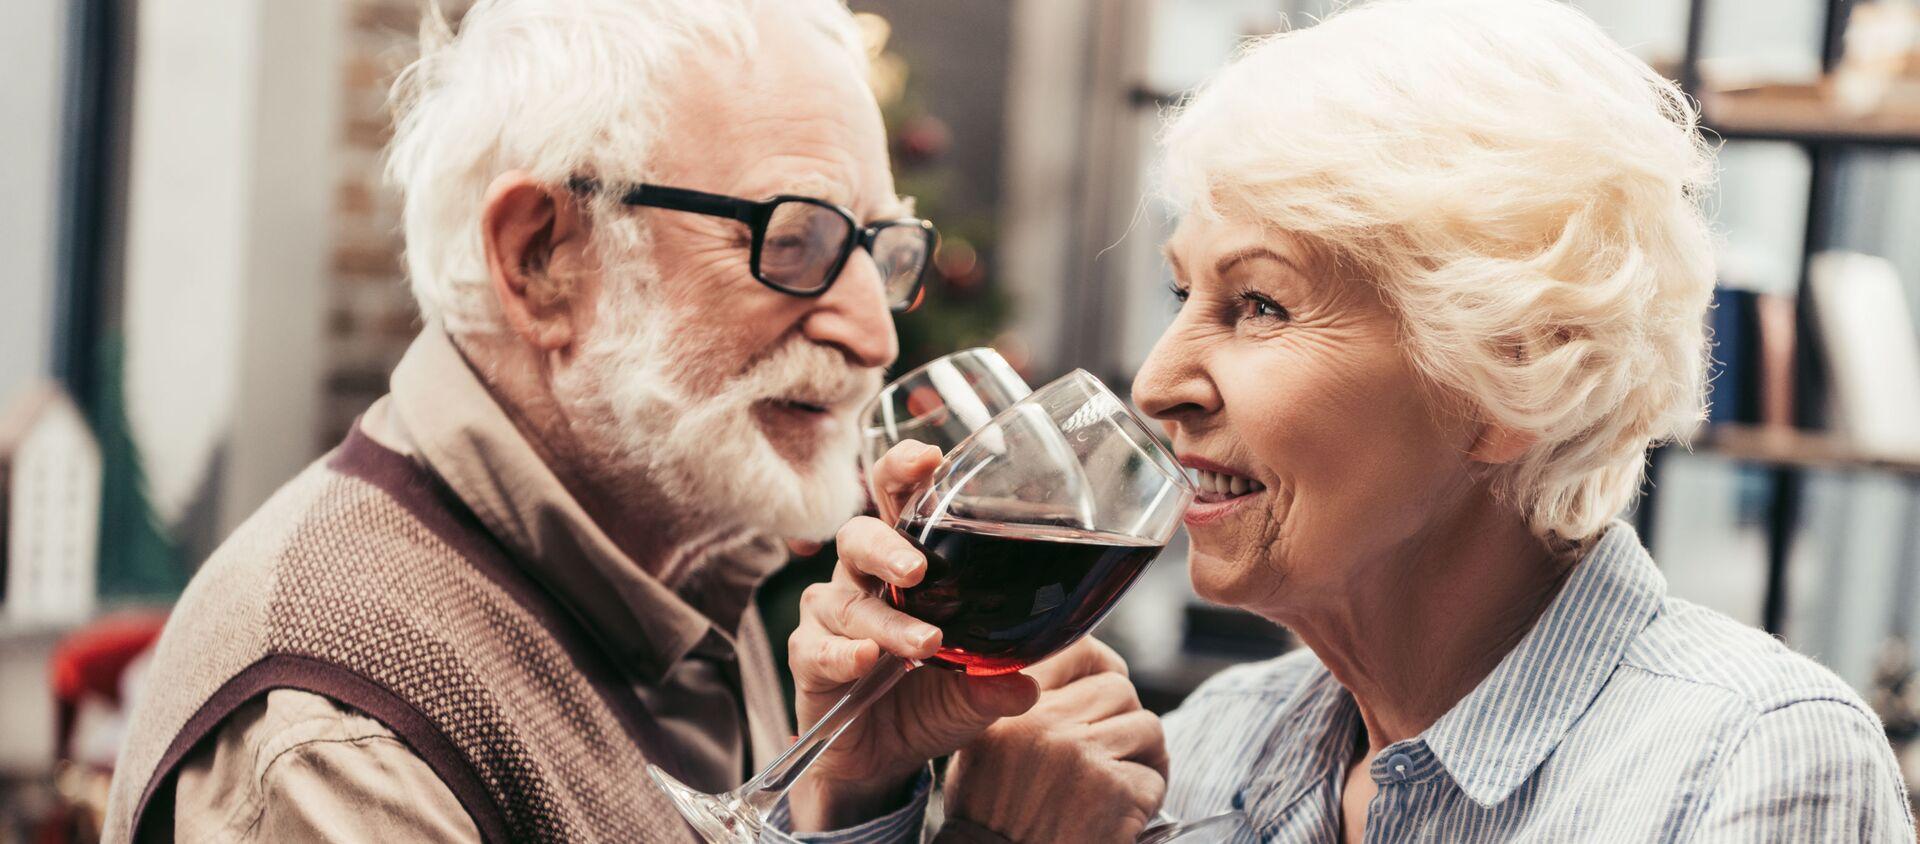 Una coppia di anziani bevono il vino - Sputnik Italia, 1920, 14.01.2021